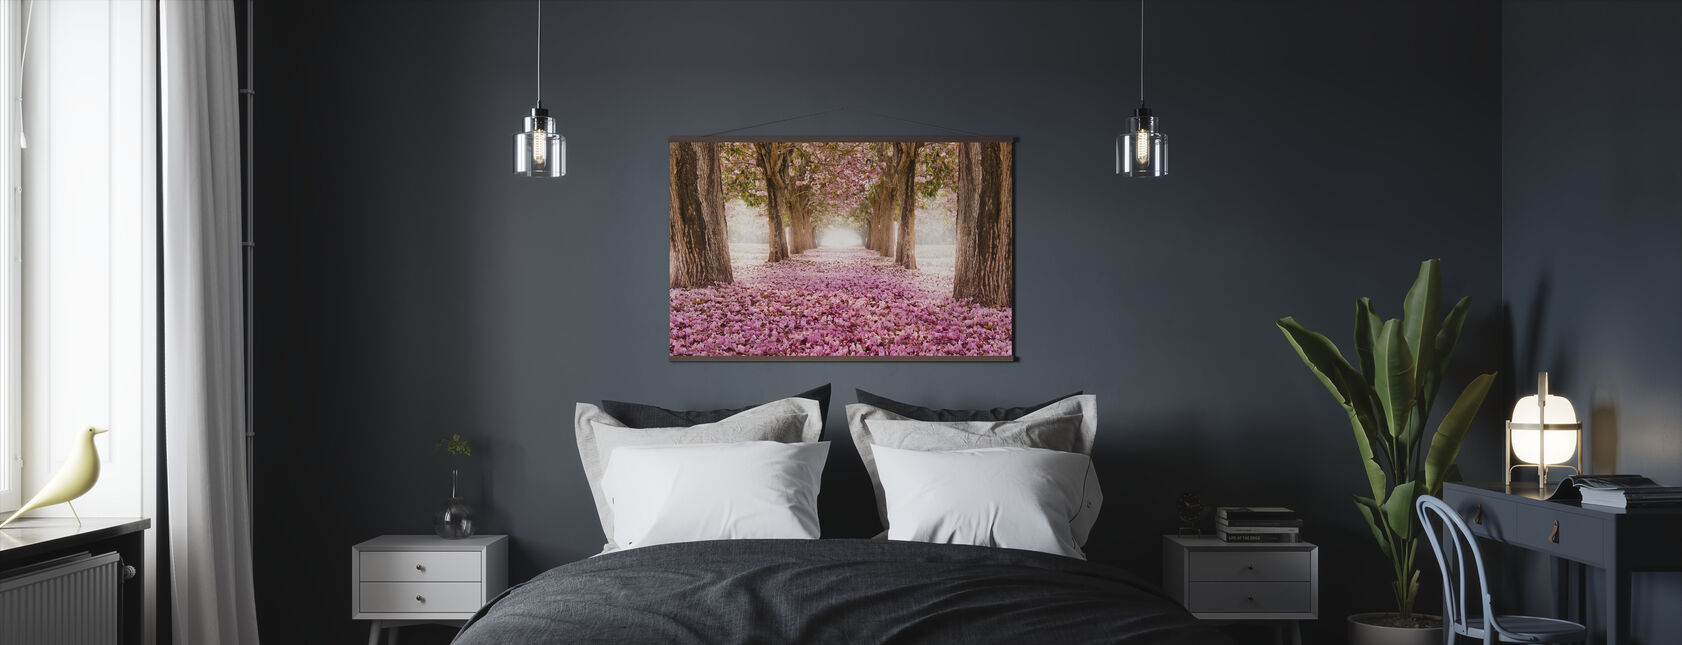 Romanttinen tunneli - Juliste - Makuuhuone